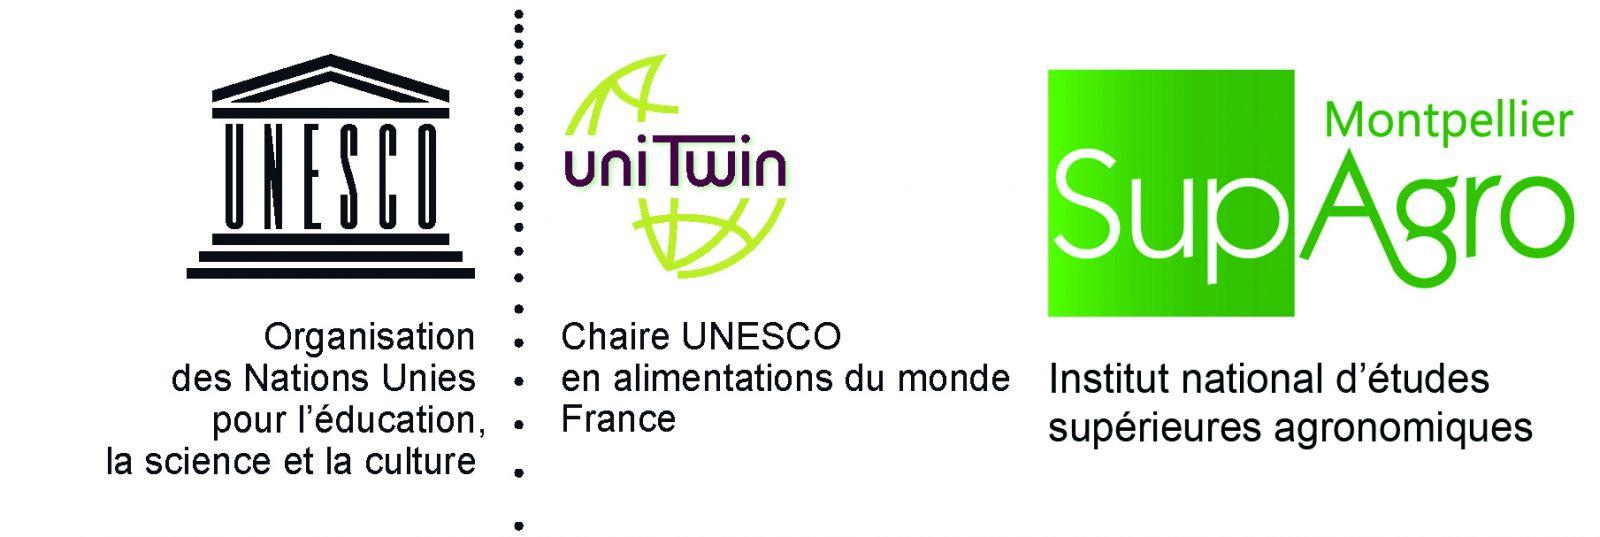 http://rnpat.fr//wp-content/uploads/2016/12/am_logo_chaire_adm_fr_2016.jpg